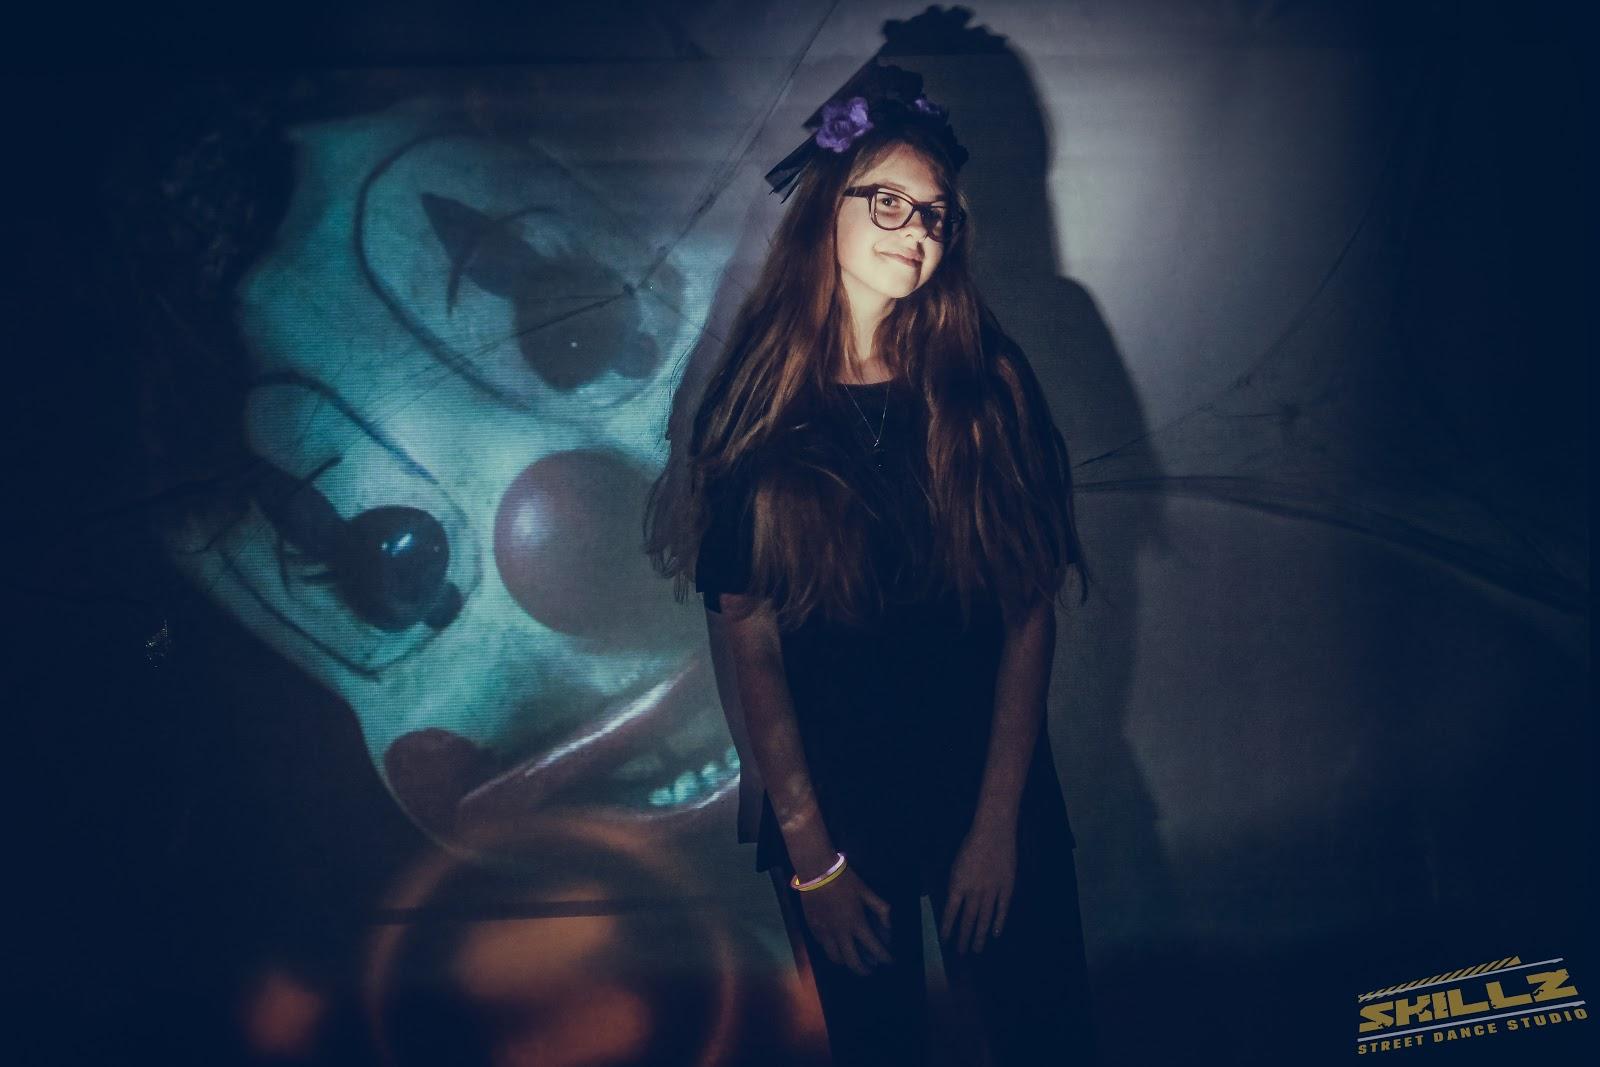 Naujikų krikštynos @SKILLZ (Halloween tema) - PANA1535.jpg